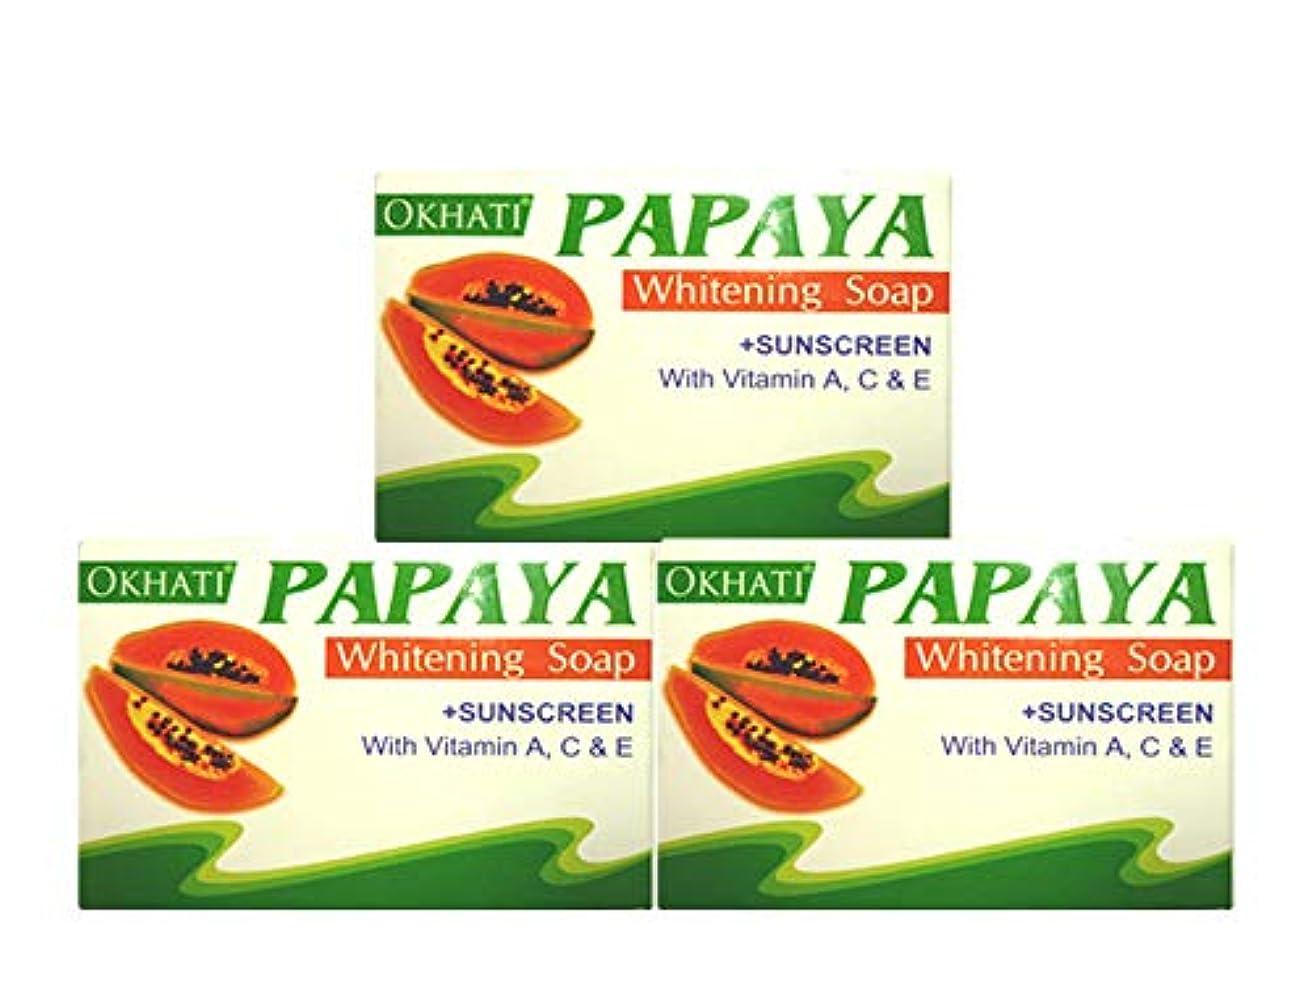 入る不注意注文オカティ パパイヤ ソープ 135g*3Set AYURVEDEC OKHATI PAPAYA Whitening Soap/NEPAL HIMALAYA SOAP ヒマラヤ石鹸